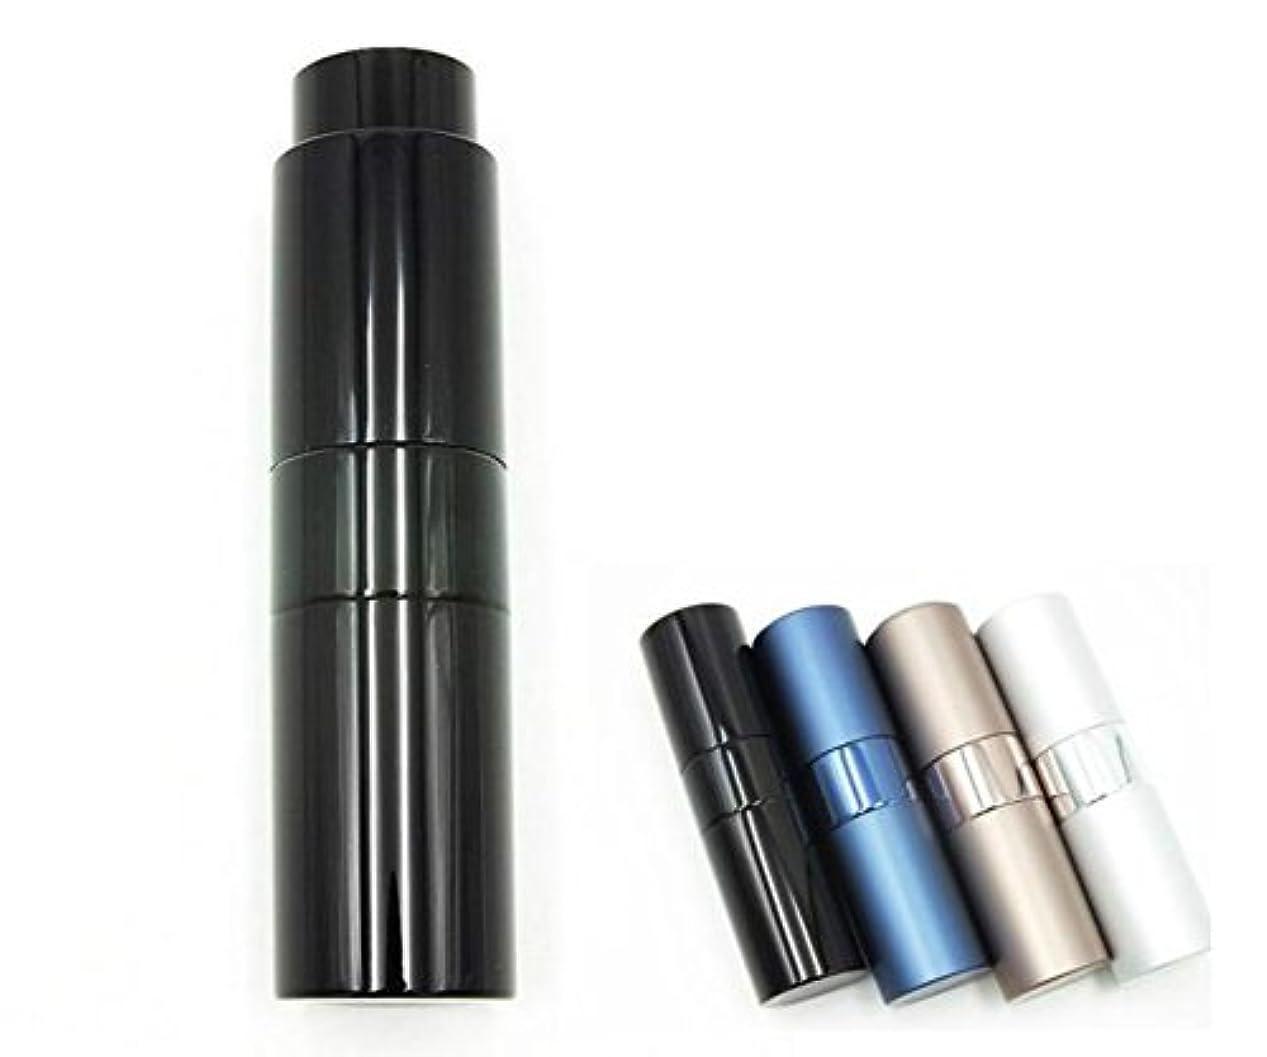 ラグイーウェルとらえどころのないShopXJ 香水 メンズ アトマイザー 大人 男性 プッシュ式 詰め替え 持ち運び 身だしなみ 携帯用 15ml (ブラック)